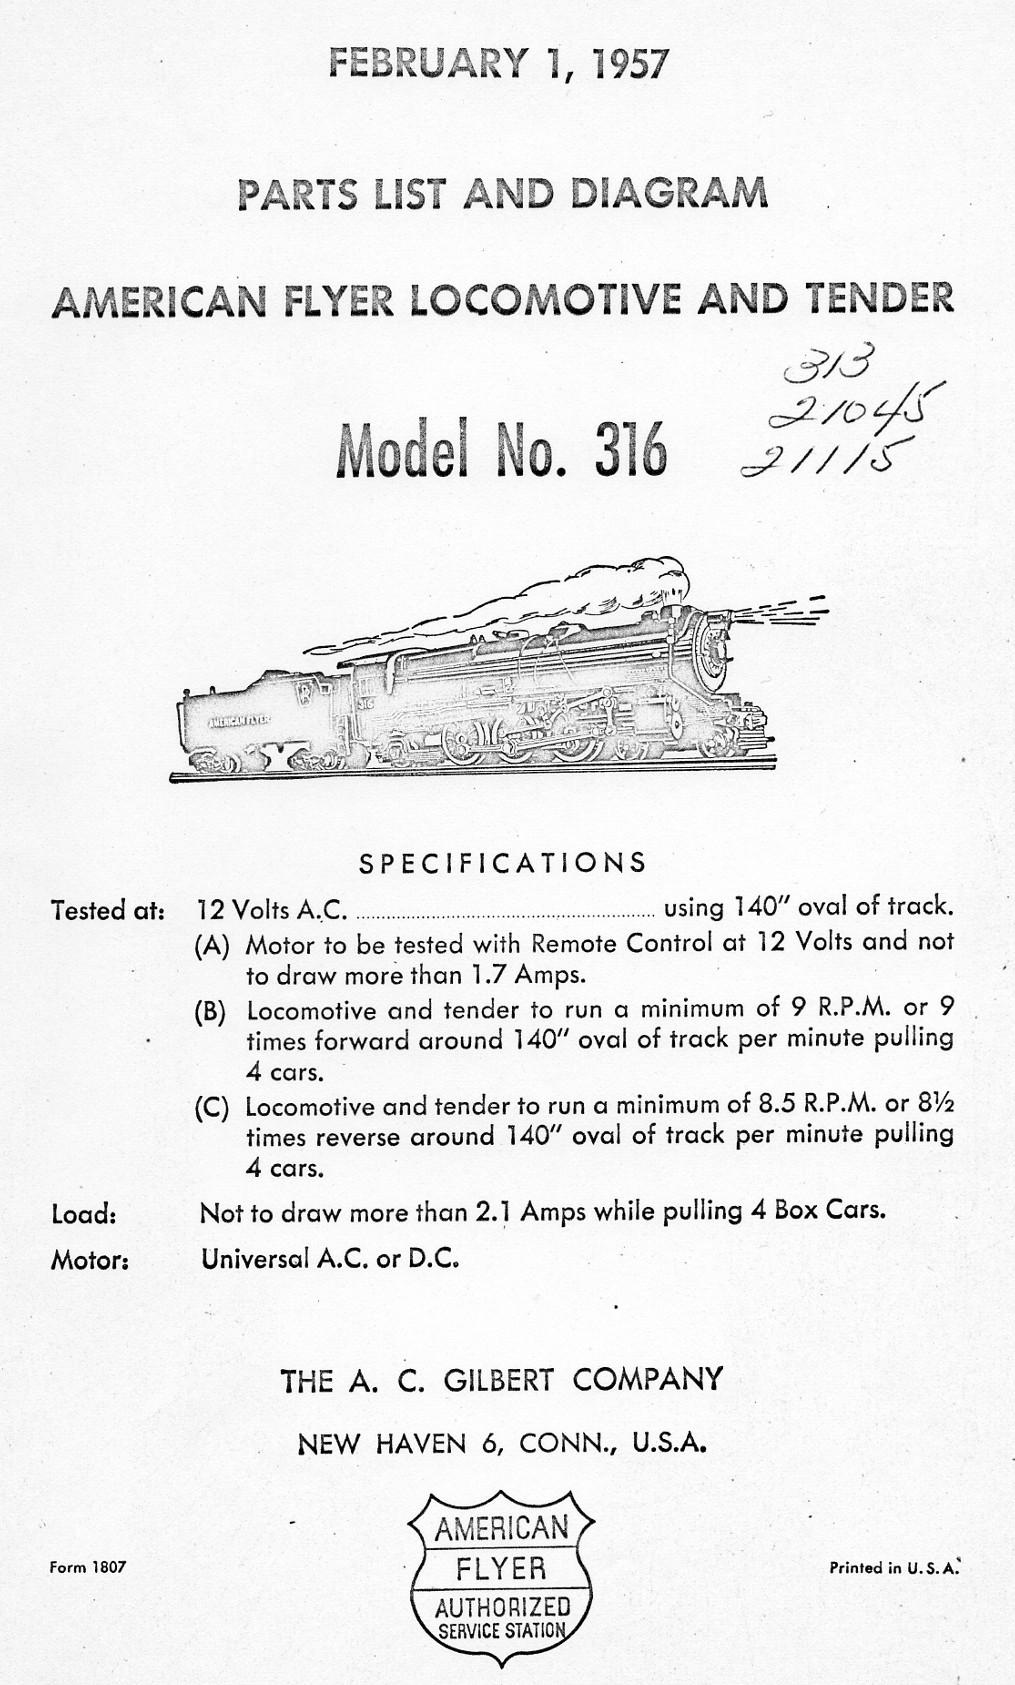 American Flyer Locomotive & Tender 316 Parts List & Diagram - Page 1